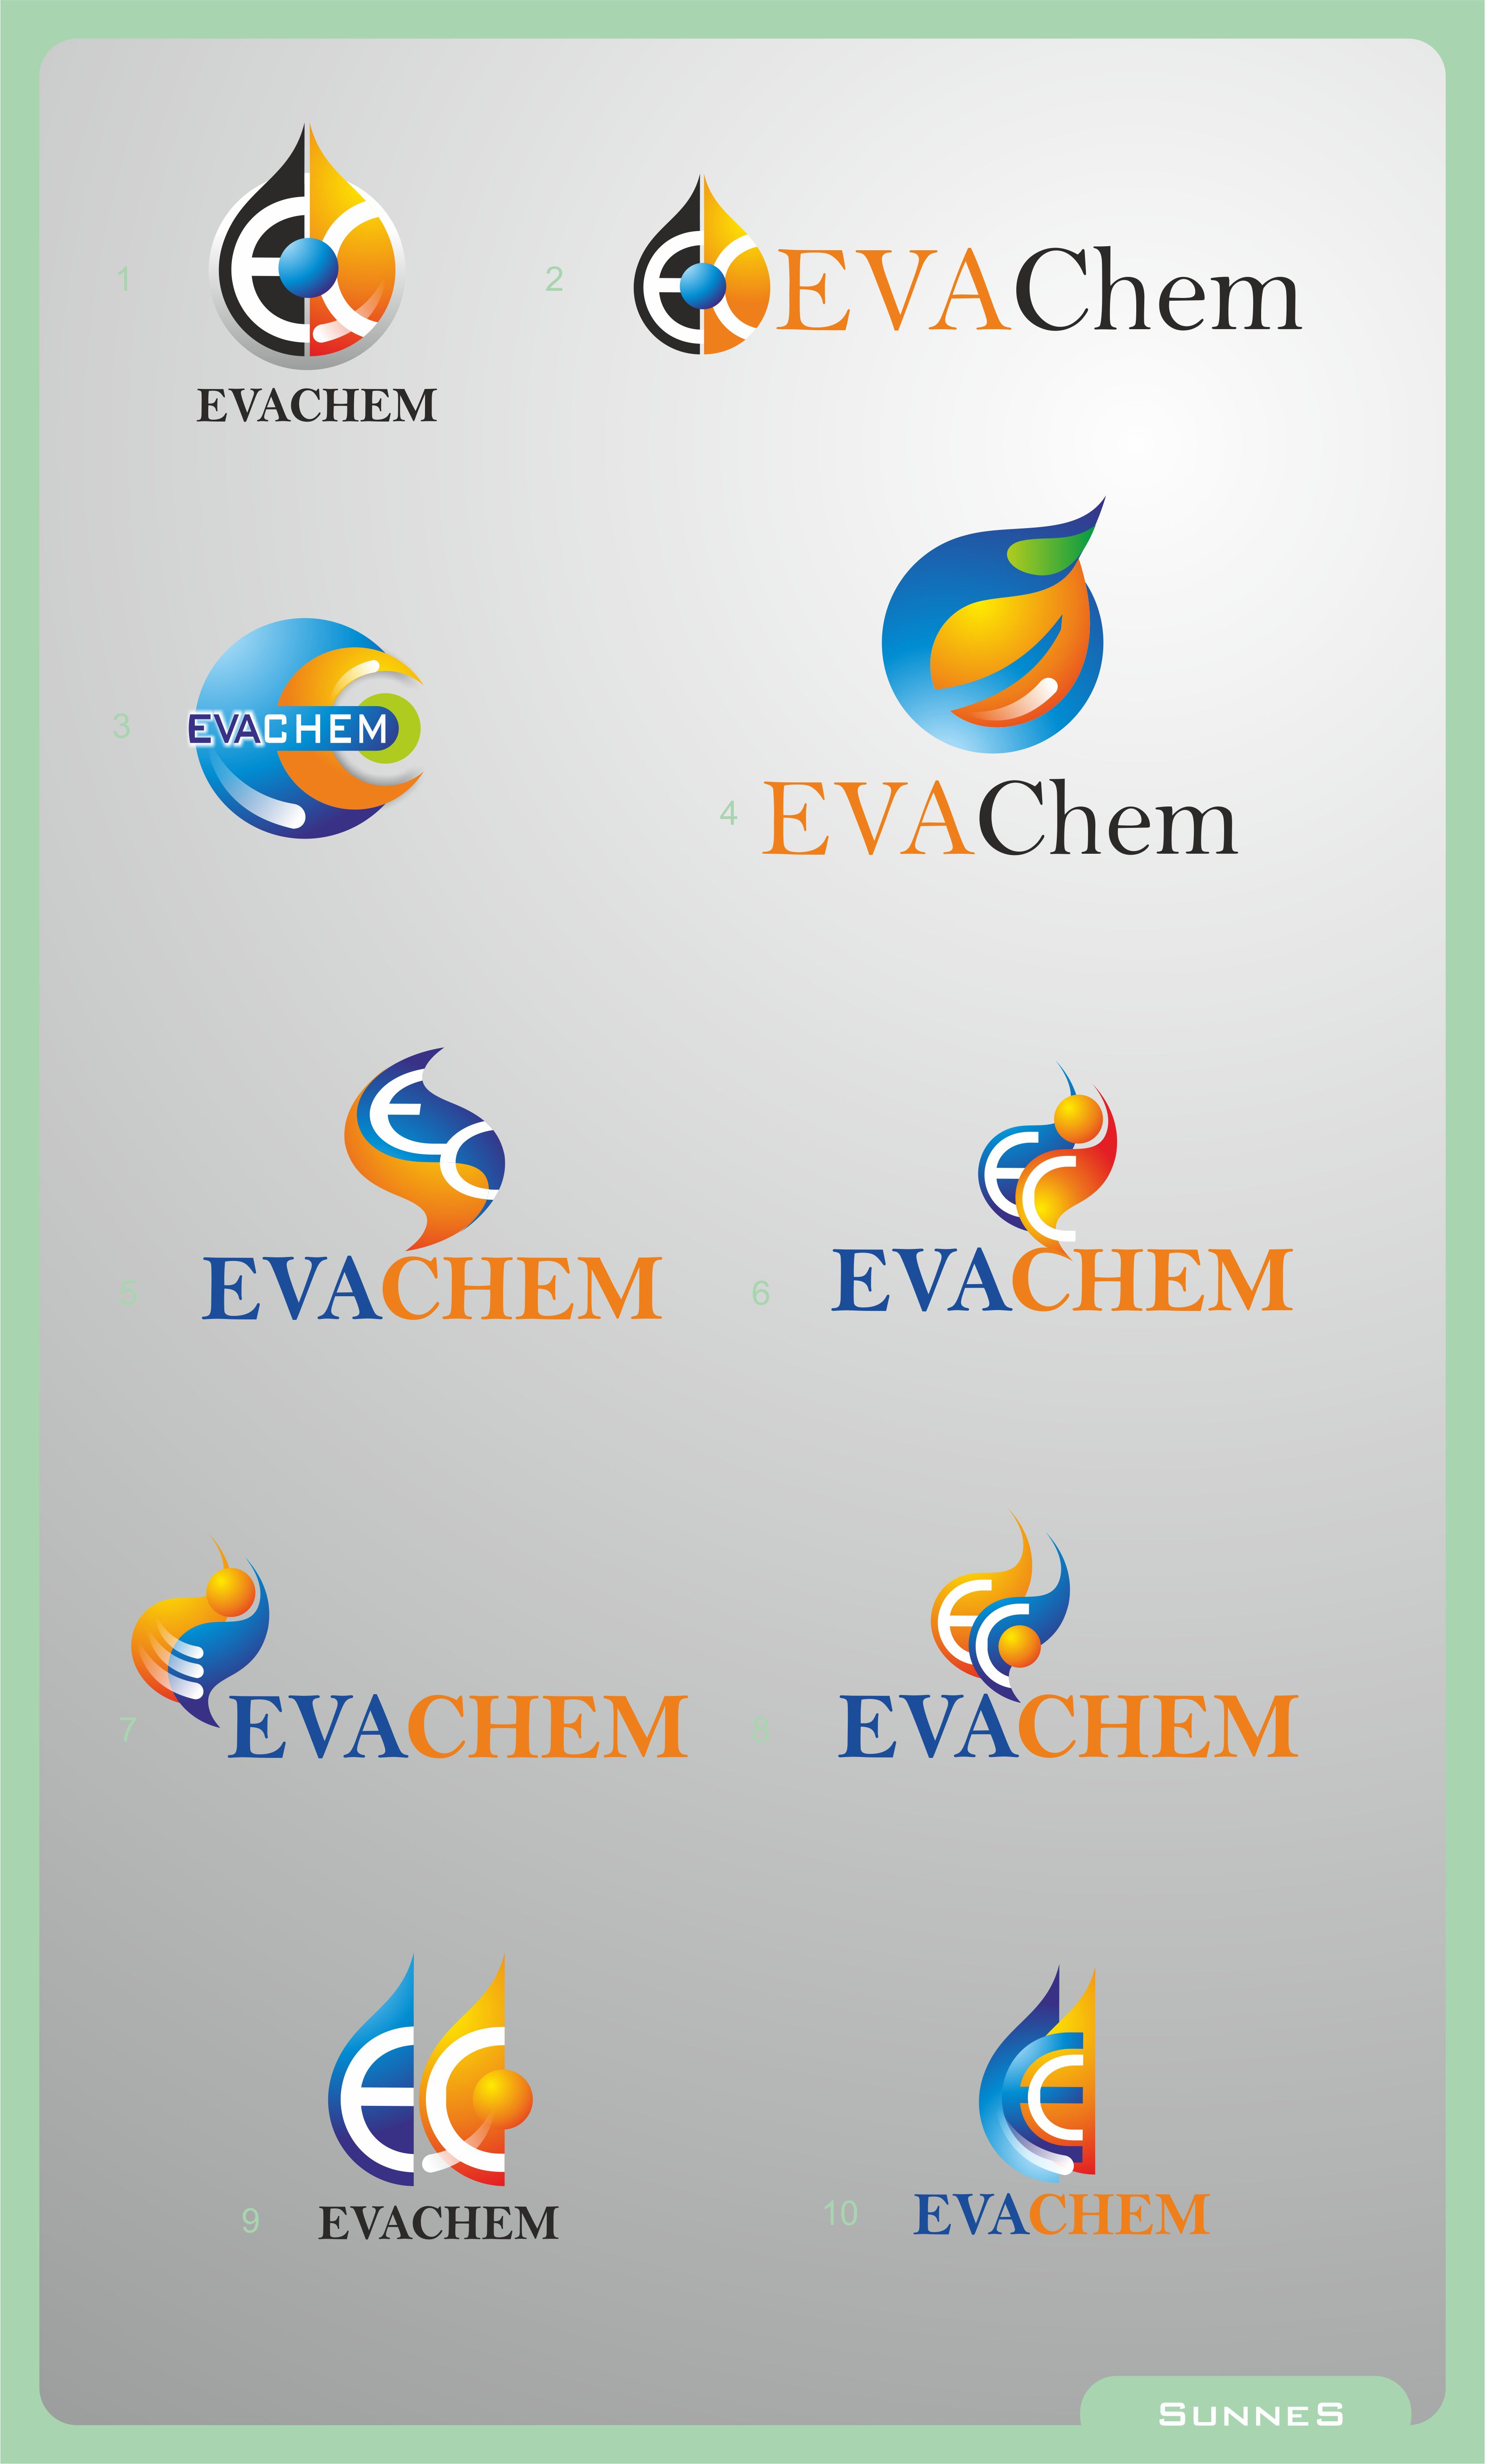 Разработка логотипа и фирменного стиля компании фото f_6885720e6cf67420.jpg